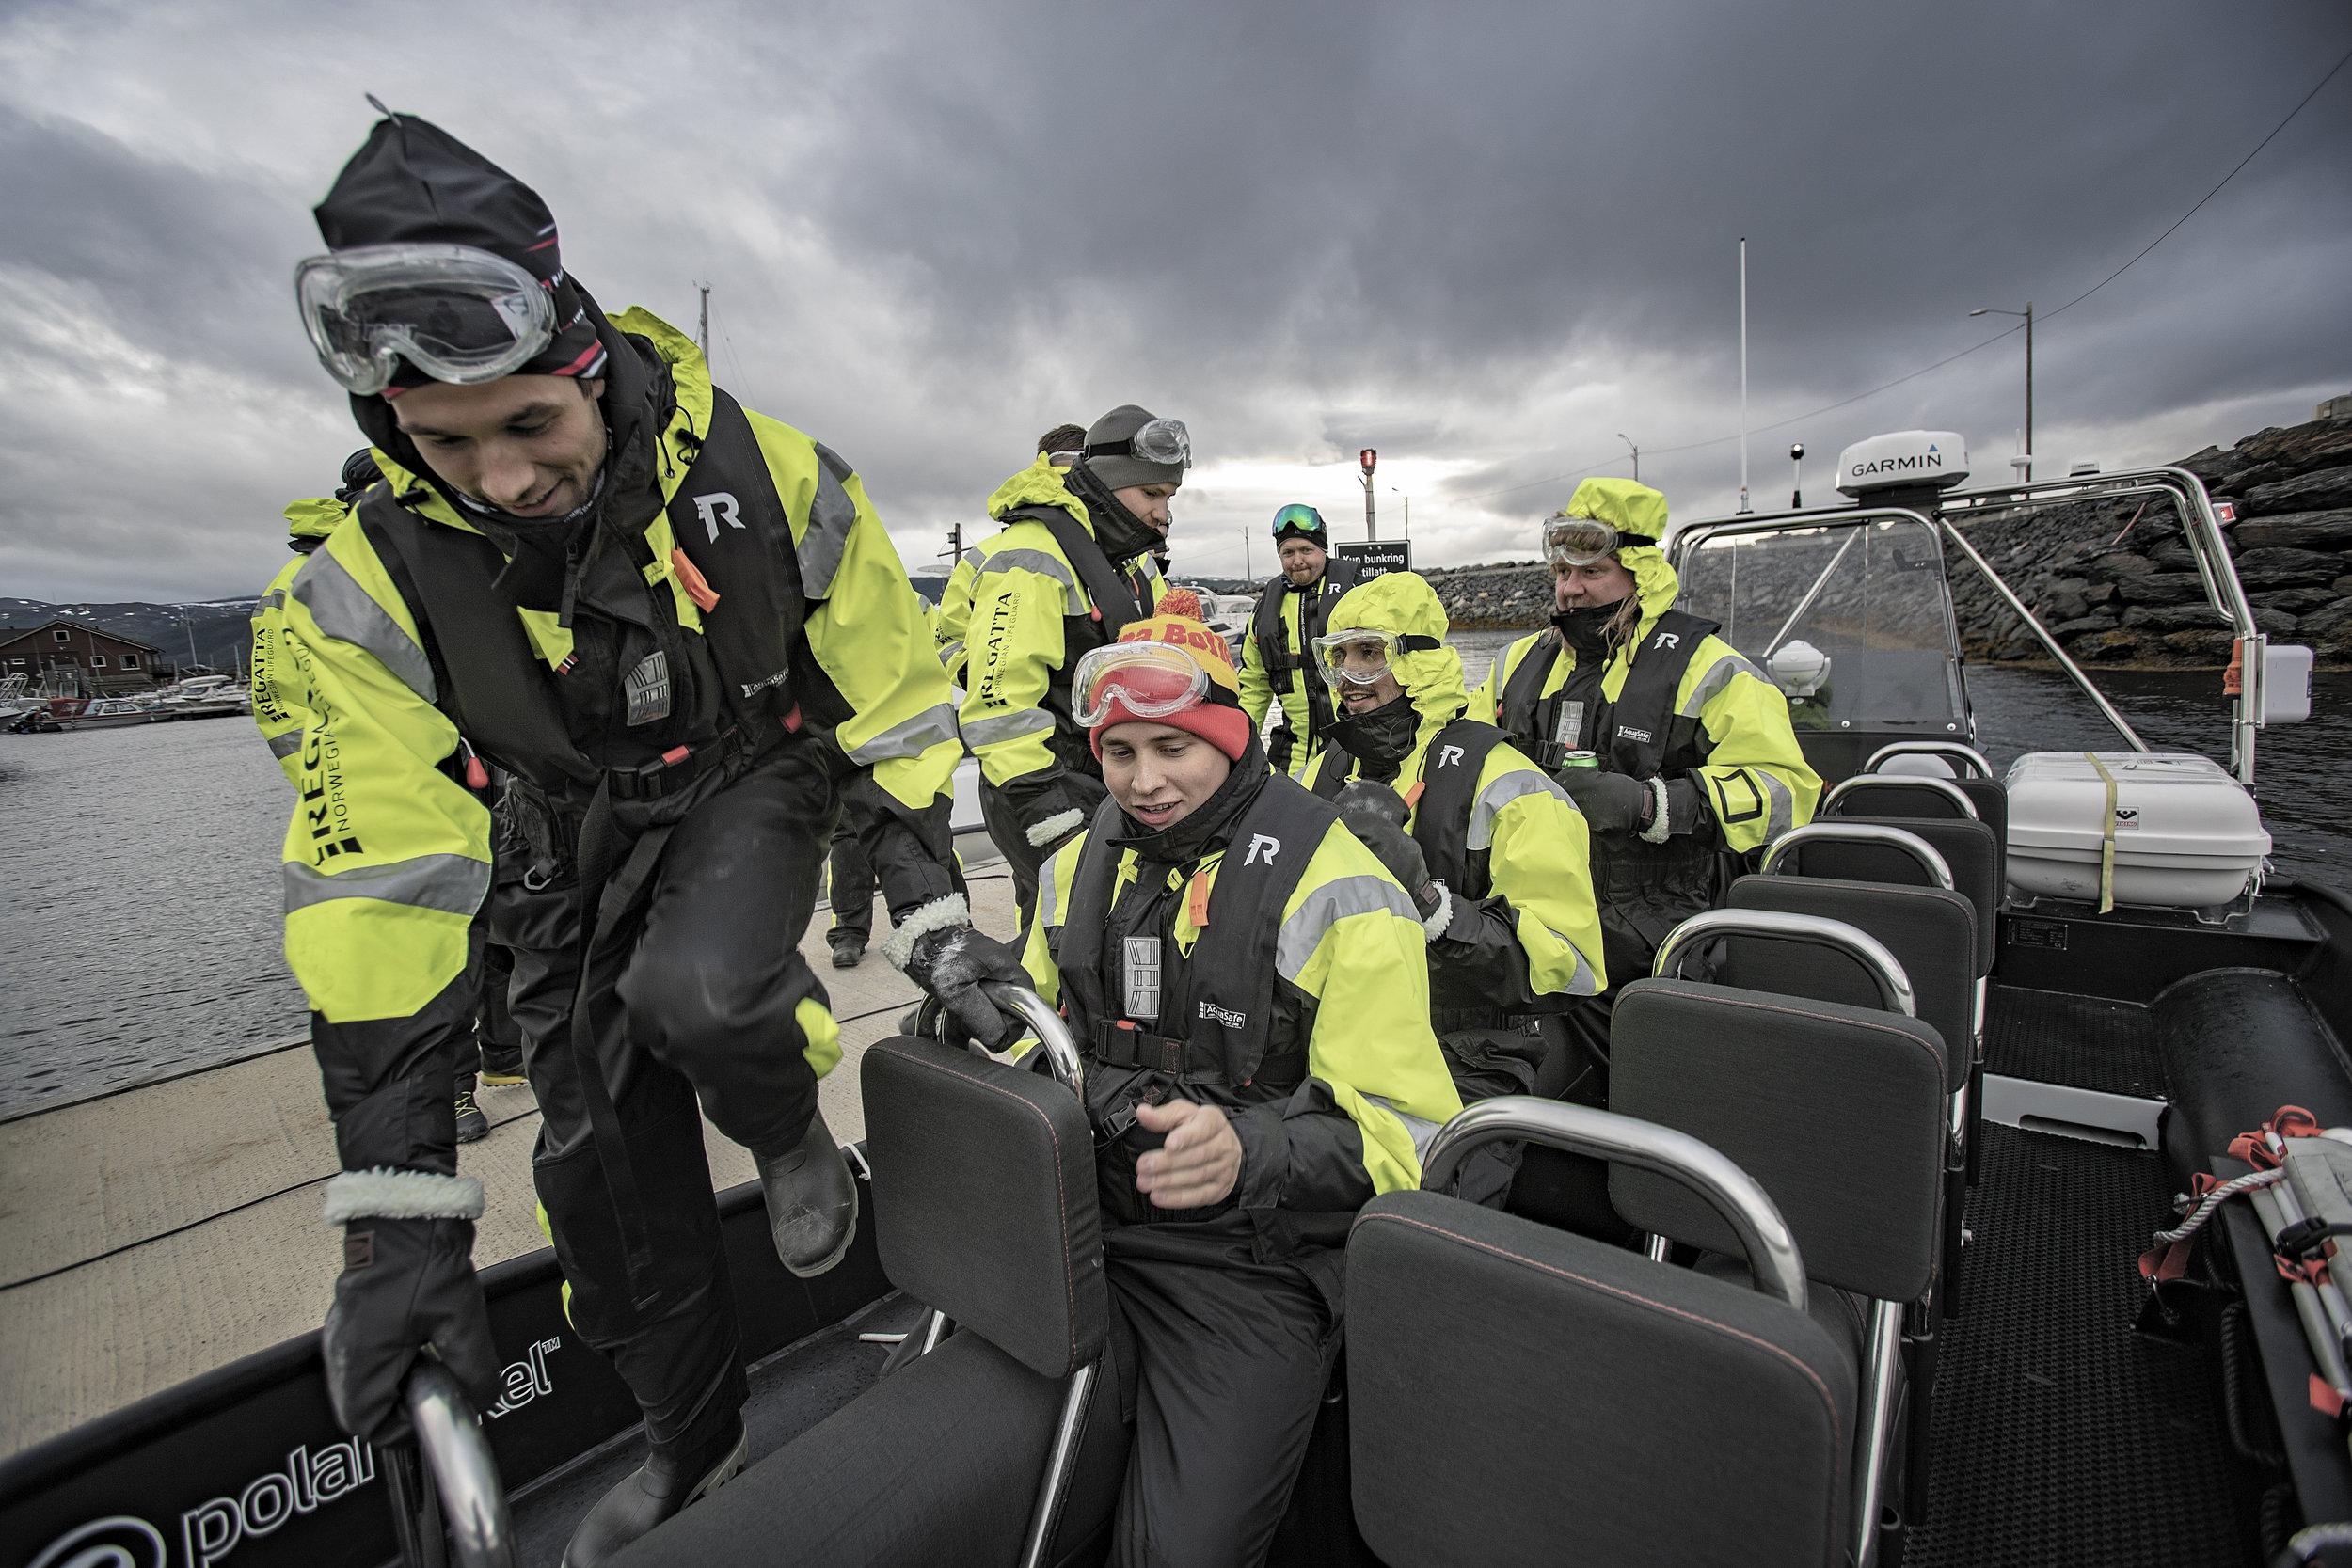 OVERSKYLLING: RIB-en fra Polarcirkel har plass til 12 passasjerer og 2 guider. Skyene ser mørke ut, men regnet sov i skyene. Turen ble vellykket, og toppet med en overskylling og to.